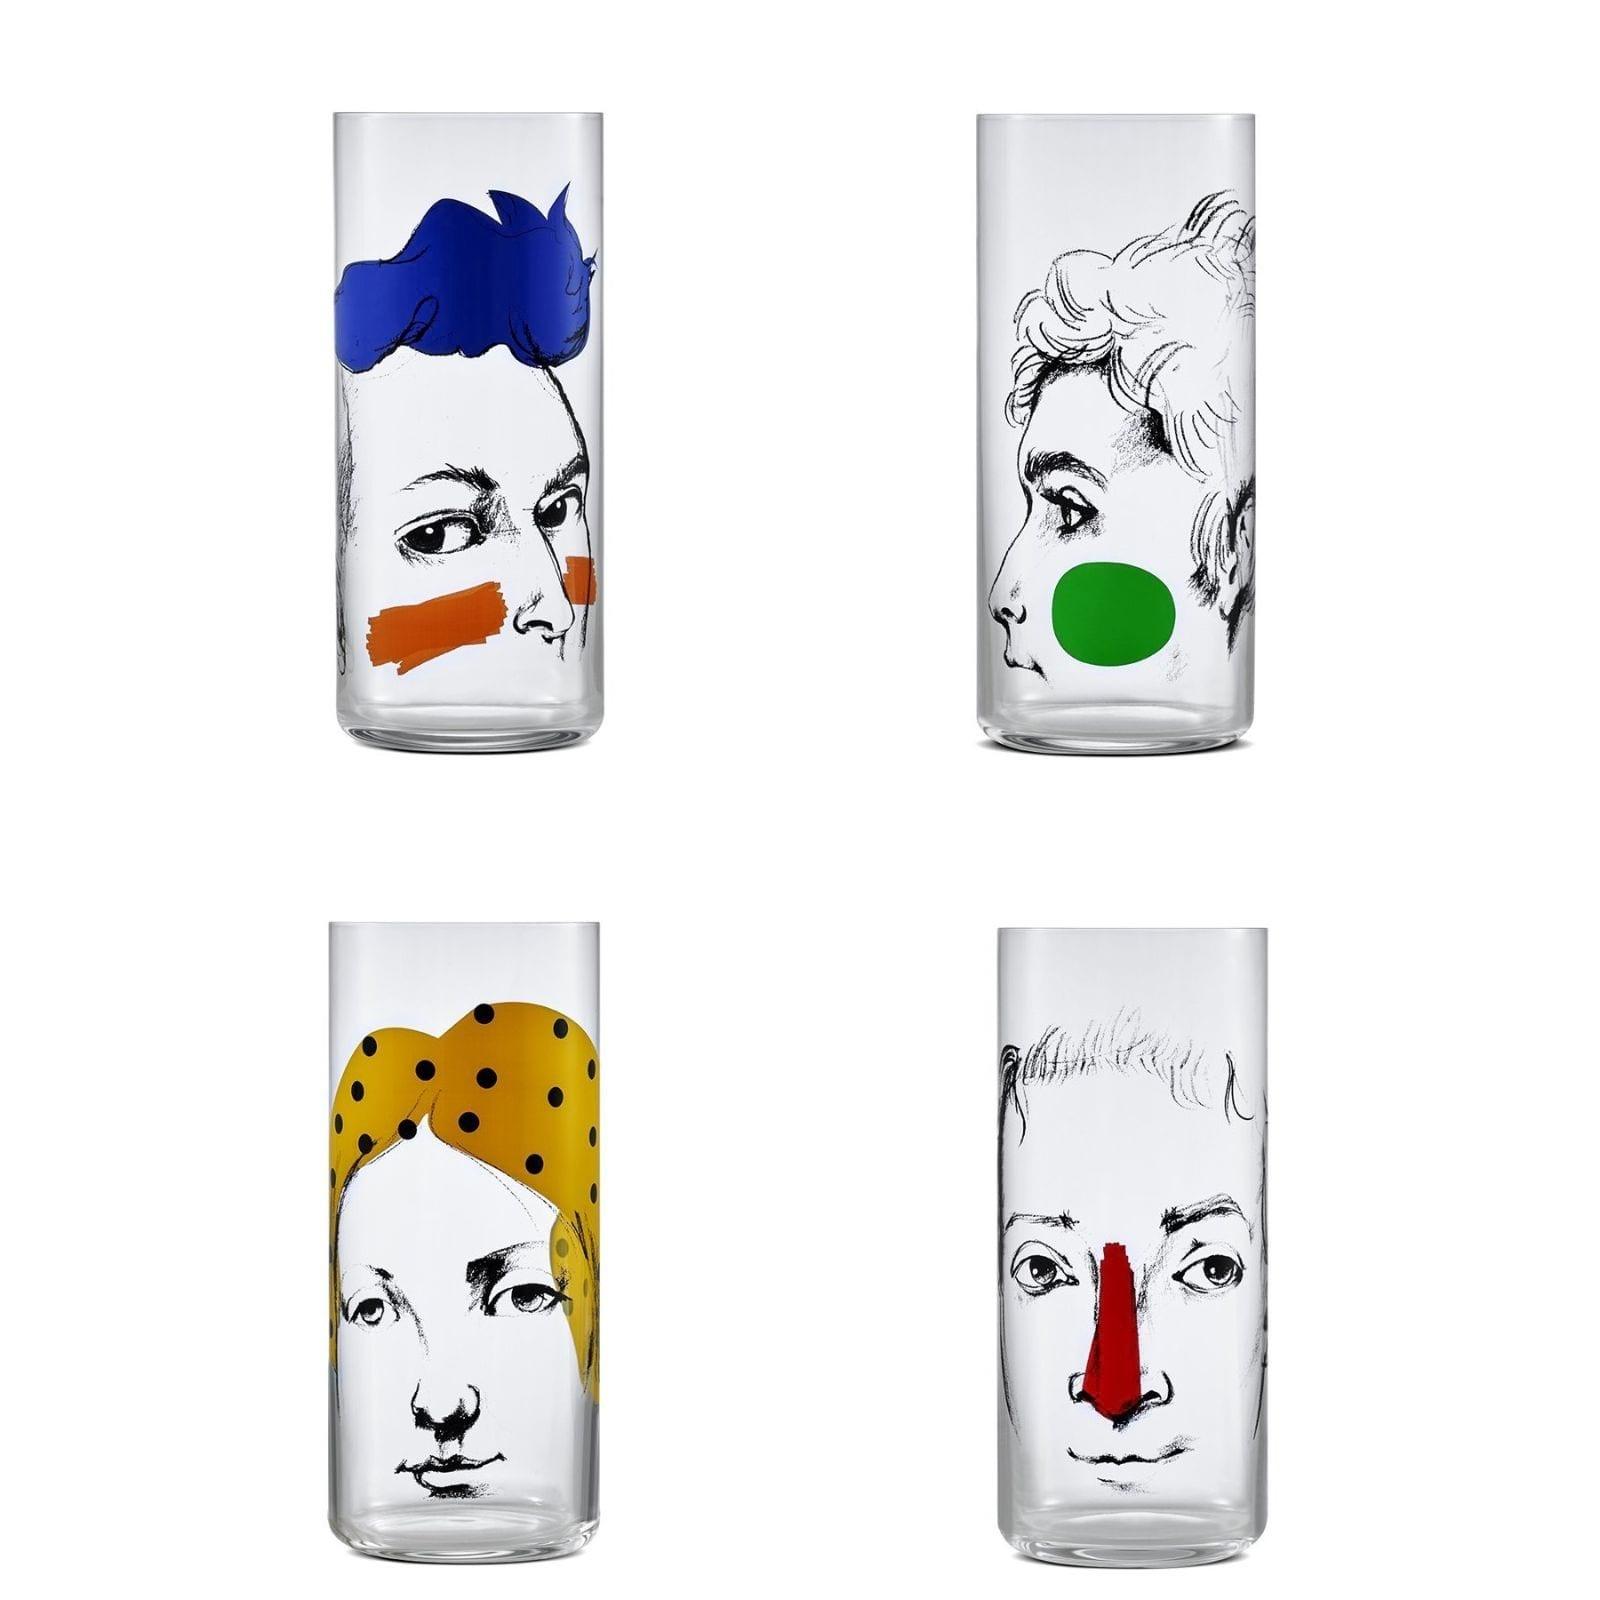 Ψηλά Ποτήρια Finesse Rock & Pop 445 ml (Σετ των 4) - Nude Glass